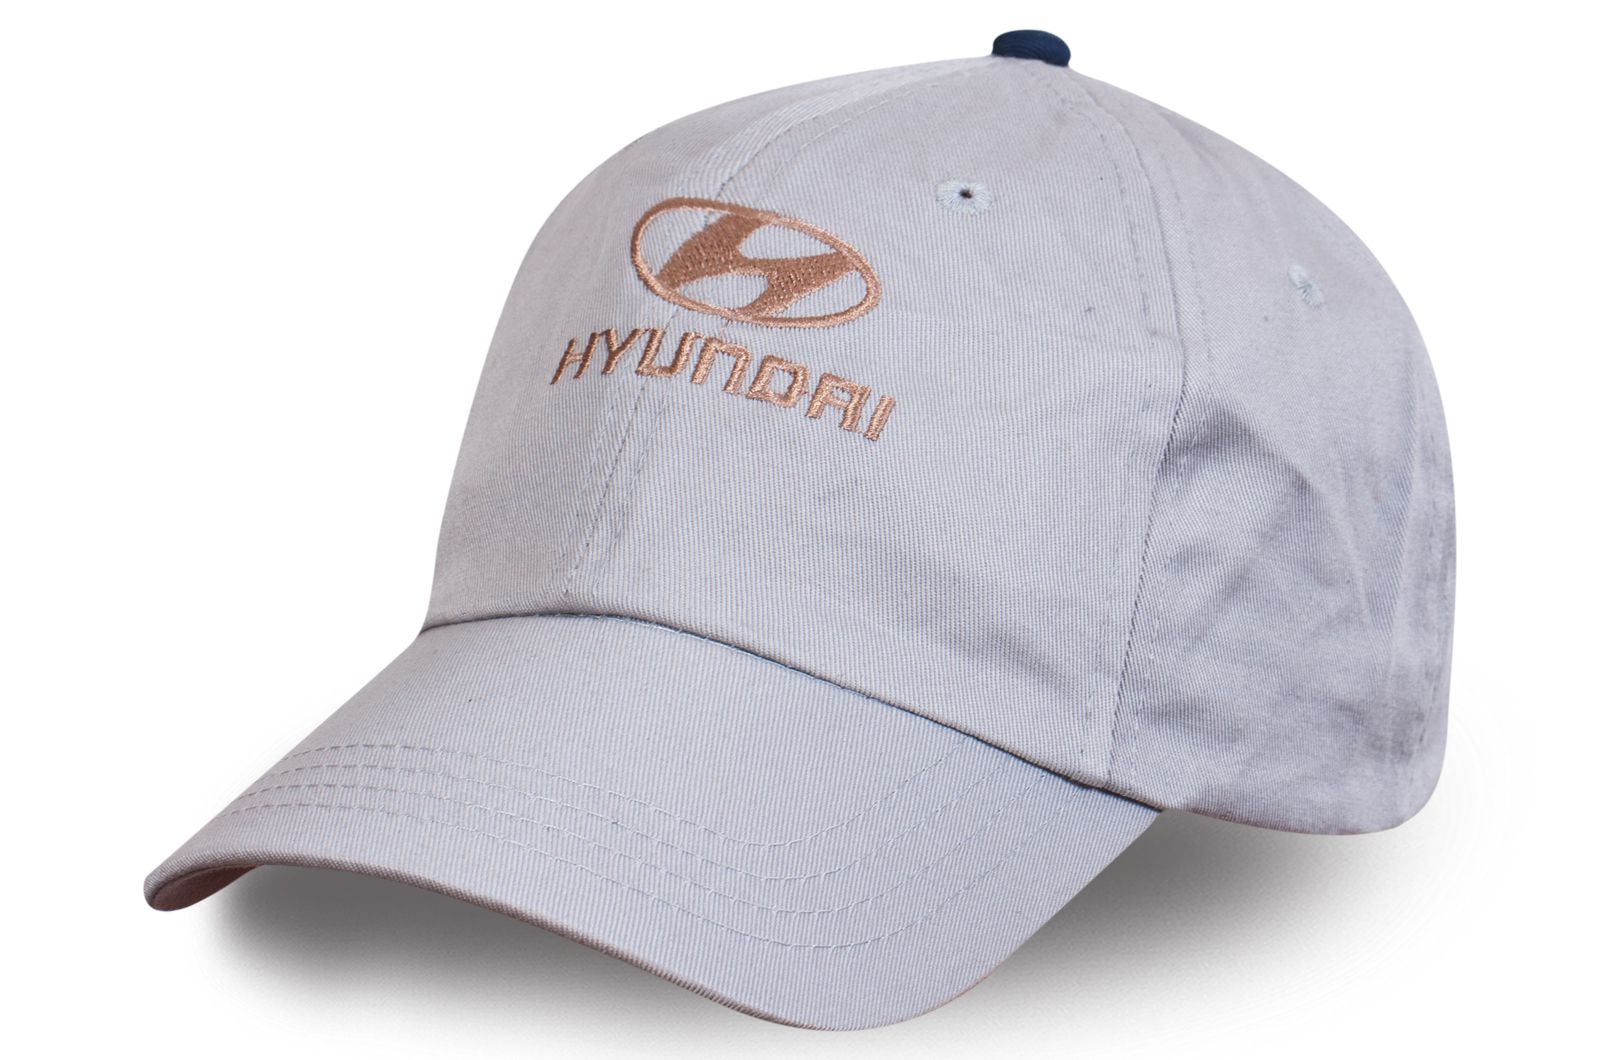 Бейсболка Хендай   Купить брендовую бейсболку с логотипом авто